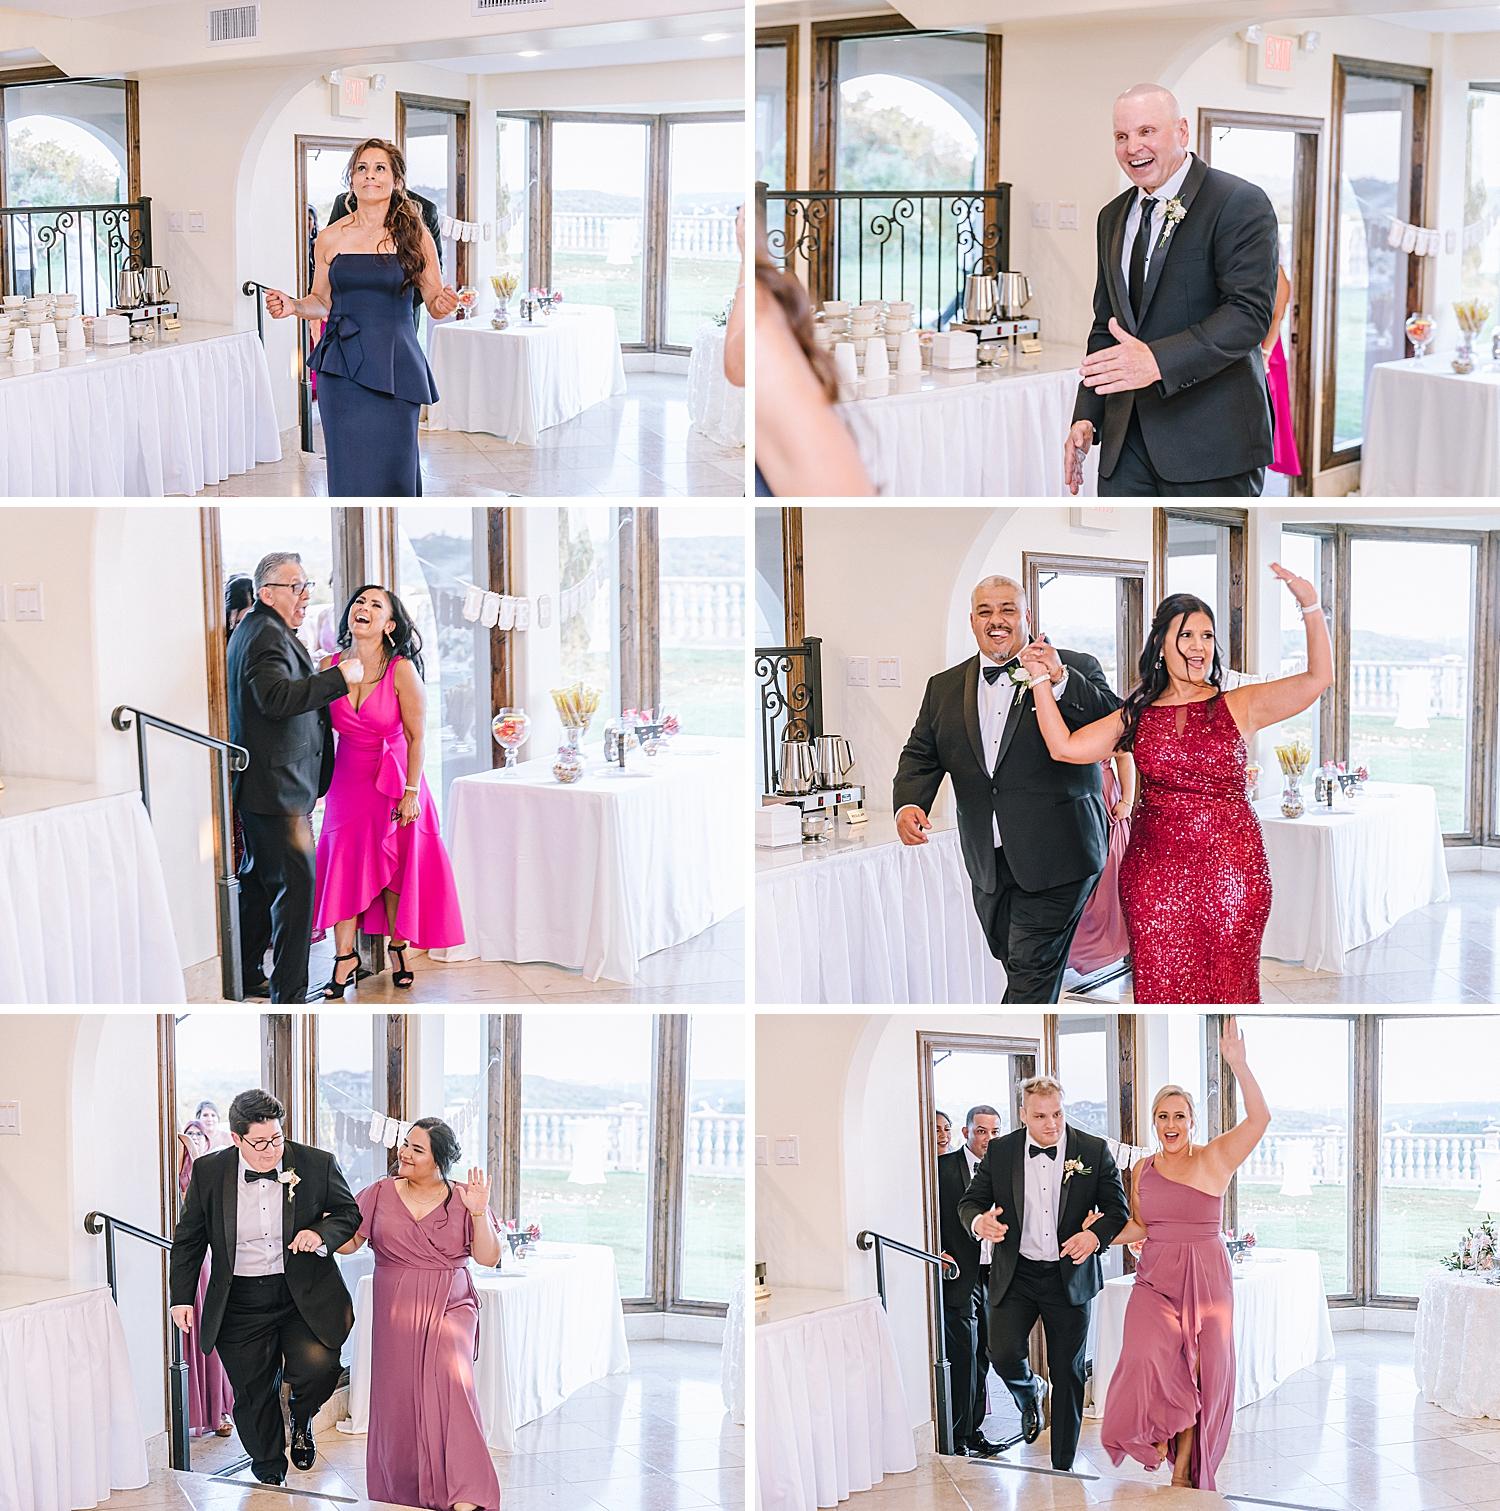 Carly-Barton-Photography-The-Villa-at-Cielo-Vista-Blush-Gold-White-Wedding-Photos_0001.jpg